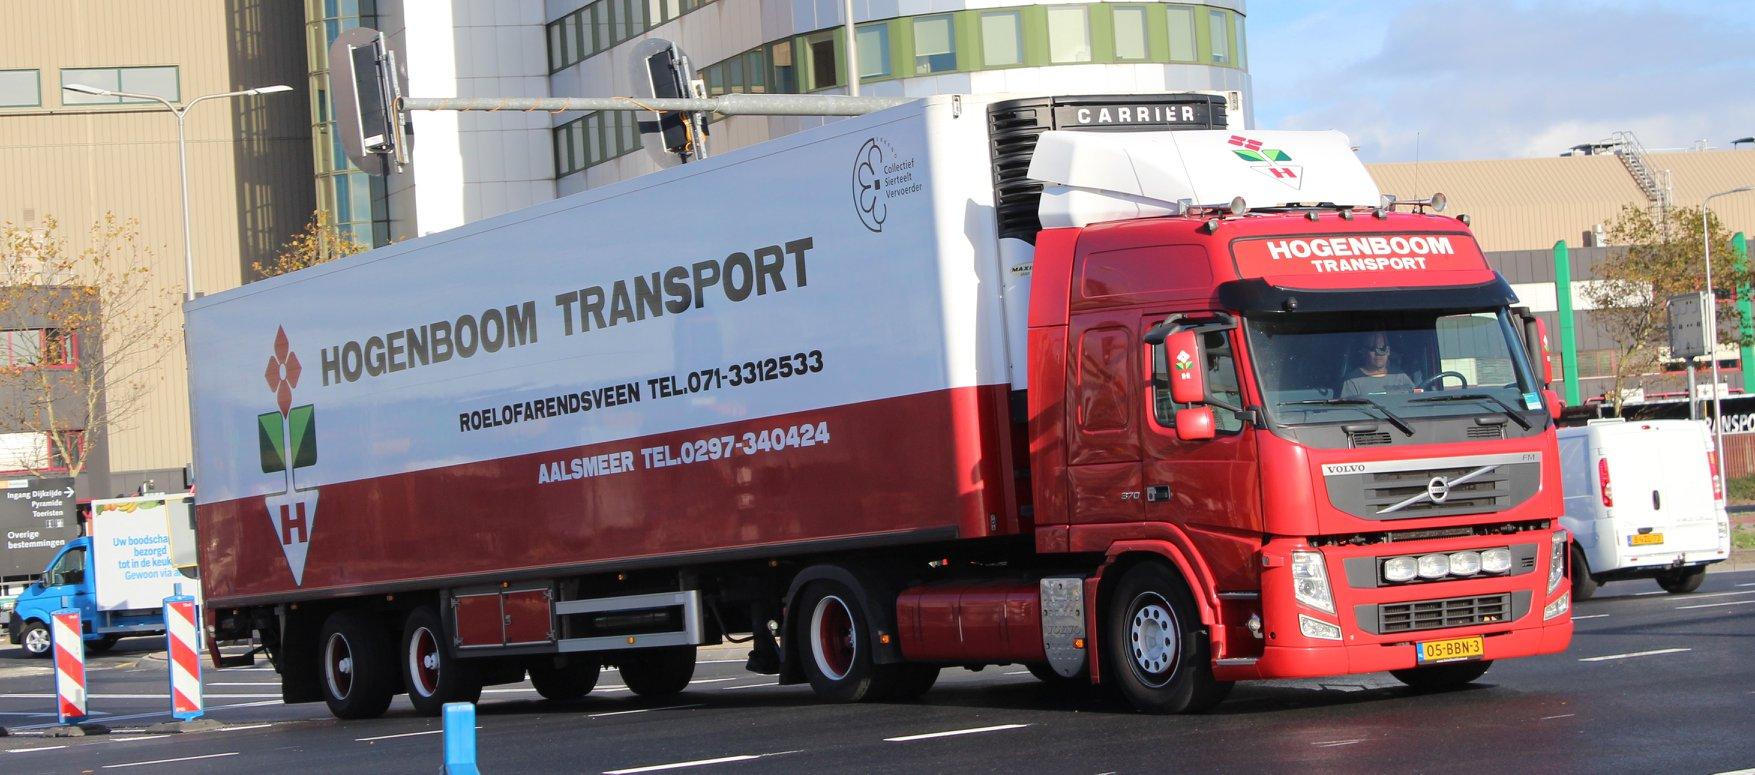 Rinus-van-den-Engel-Volvo-18-9-2018-HONSELERSDIJK